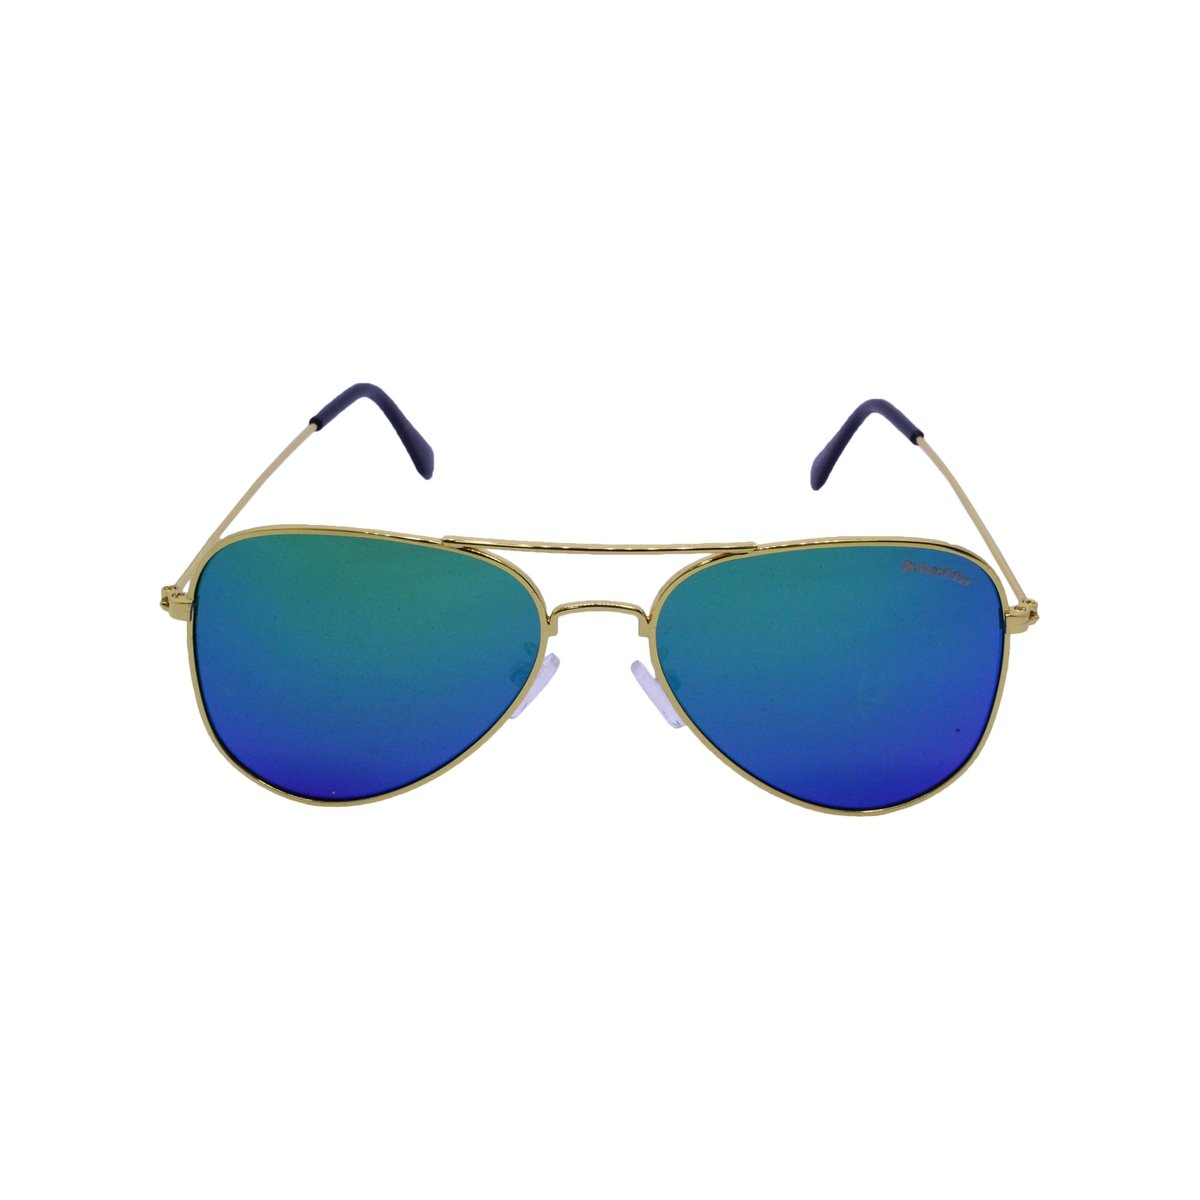 9e52ef8f65041 Óculos solar em Metal estilo aviador Khatto KT0807DRDLVRD - Compre Agora